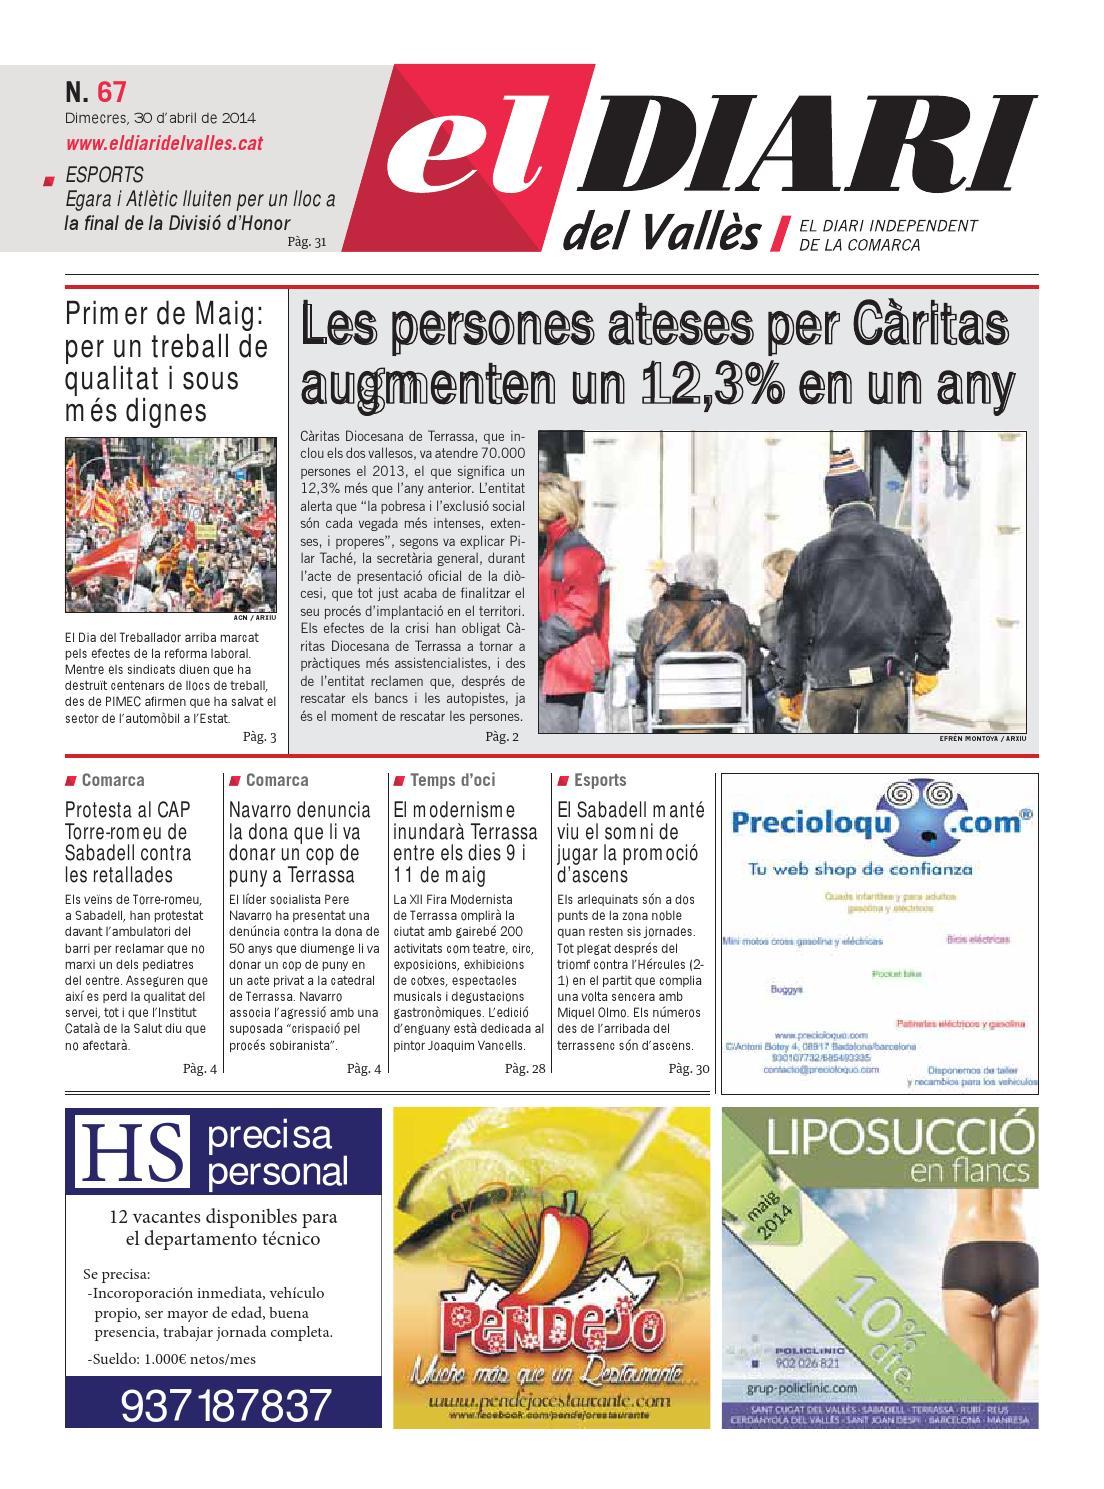 El Diari Del Vallès Nro 67 30 04 2014 By Diari Del